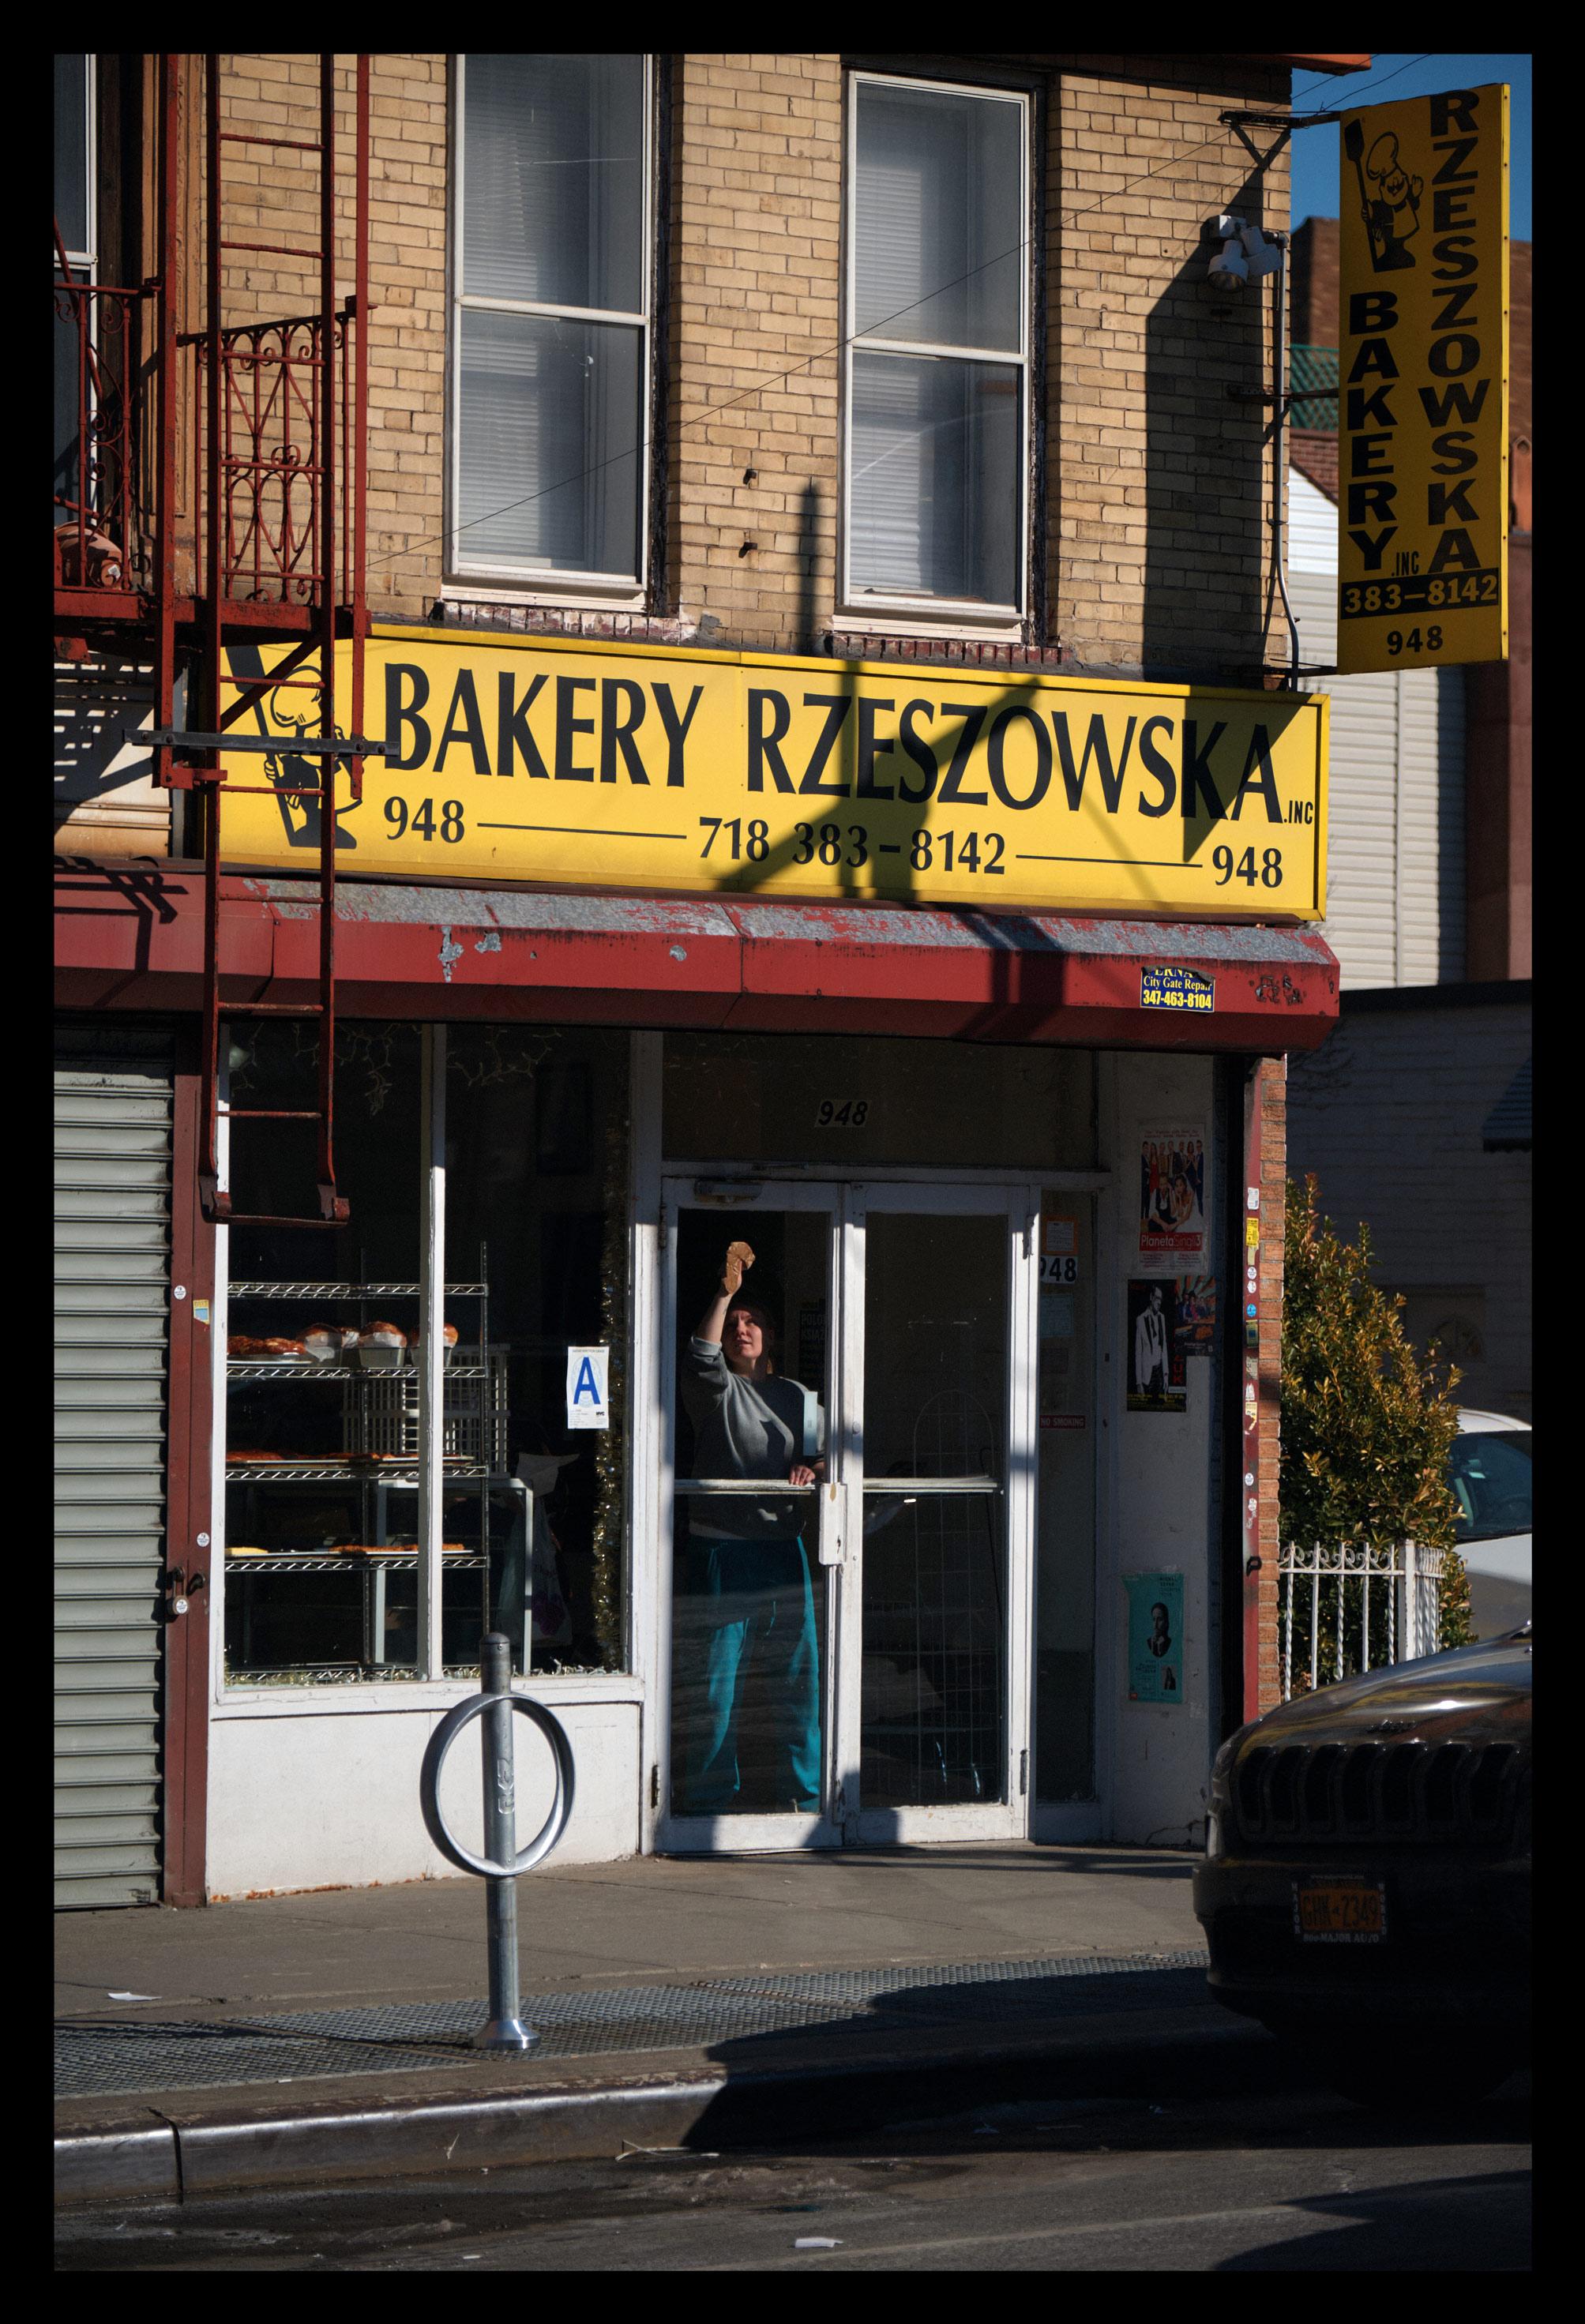 Bakery Rzeskowska